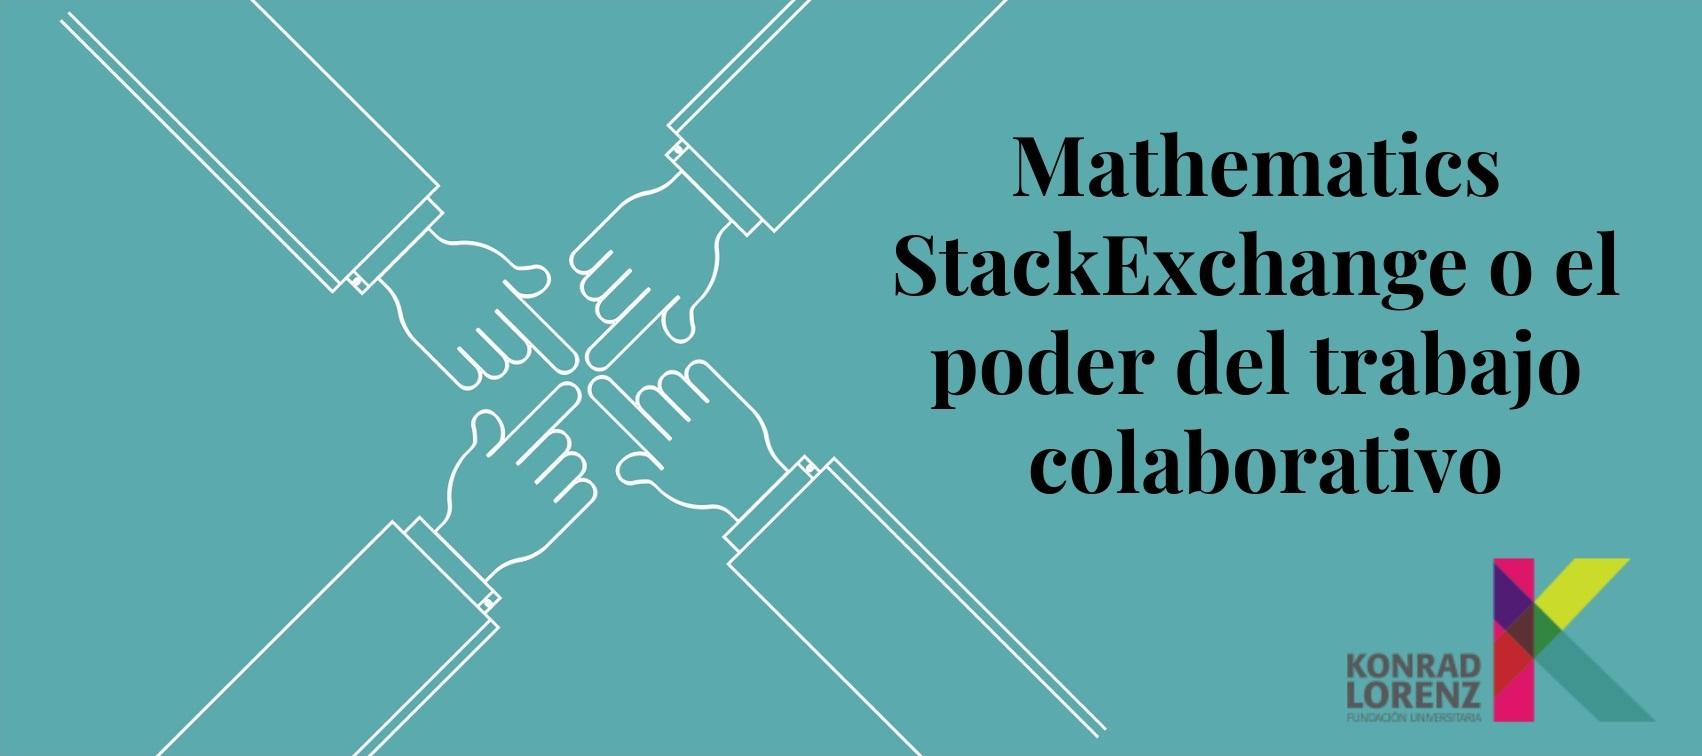 Mathematics StackExchange o el poder del trabajo colaborativo